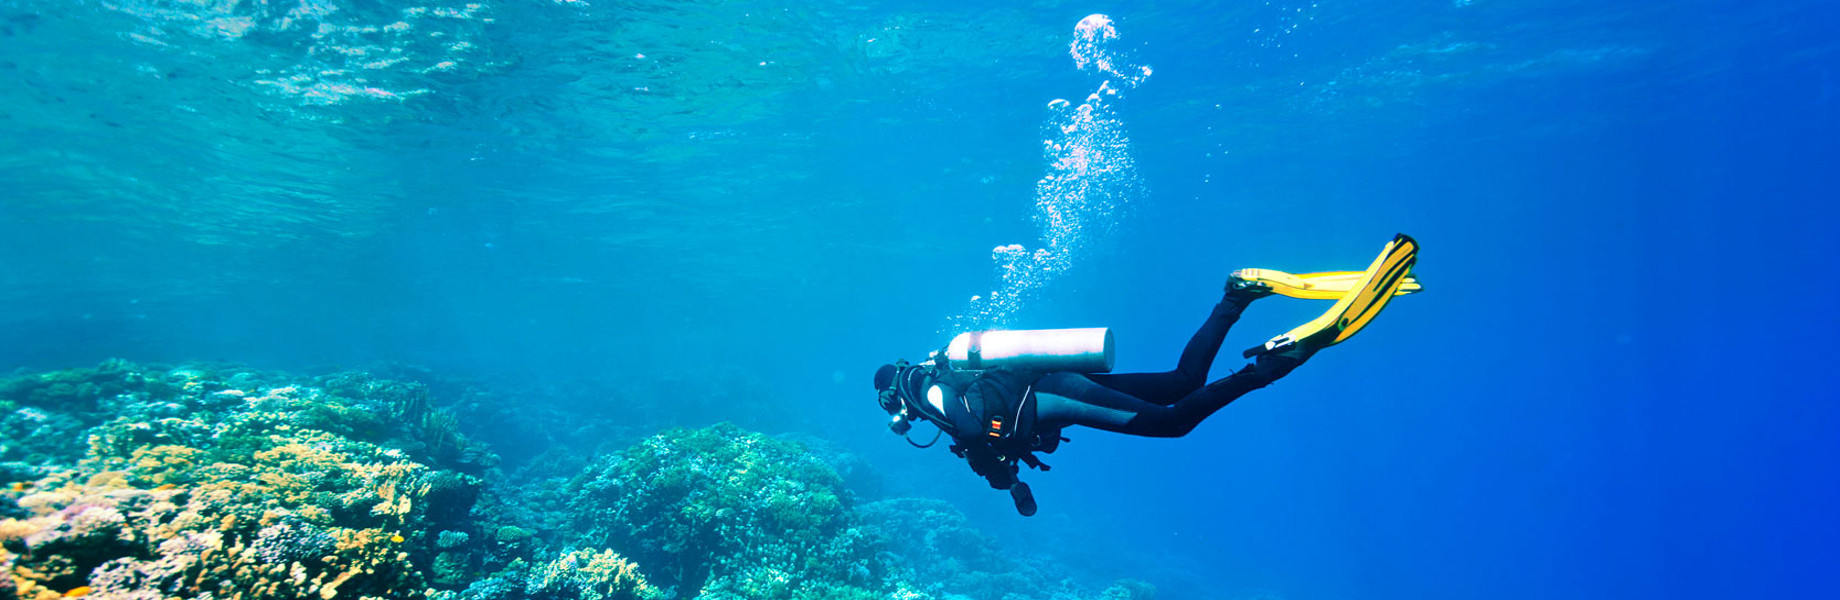 seacsub en mnares duikpakken in den haag